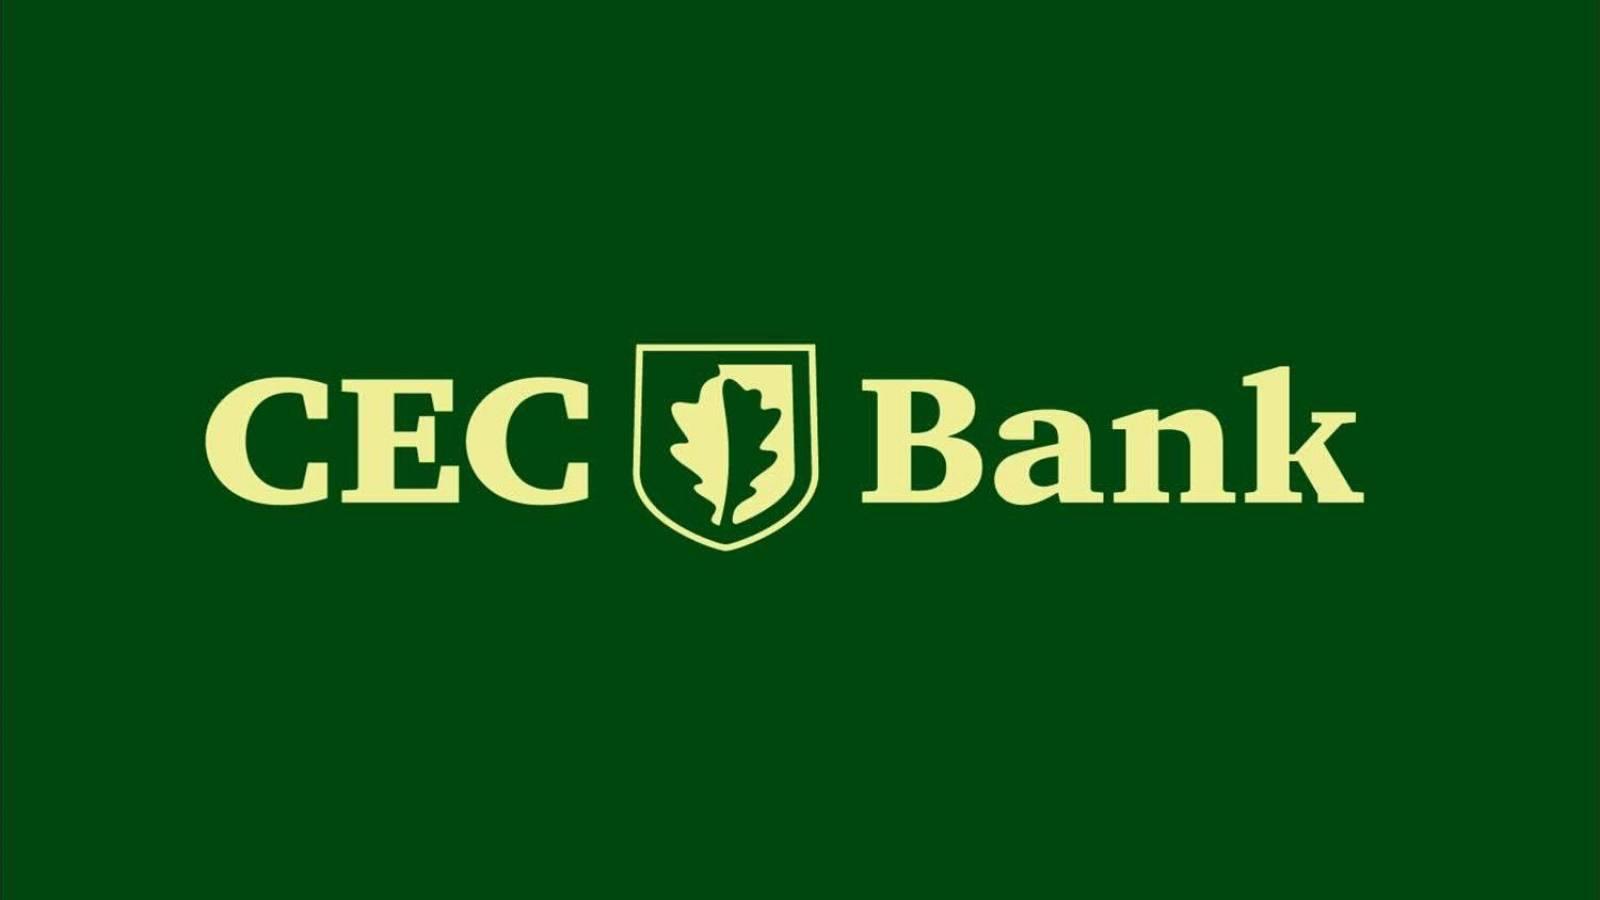 CEC Bank targetat